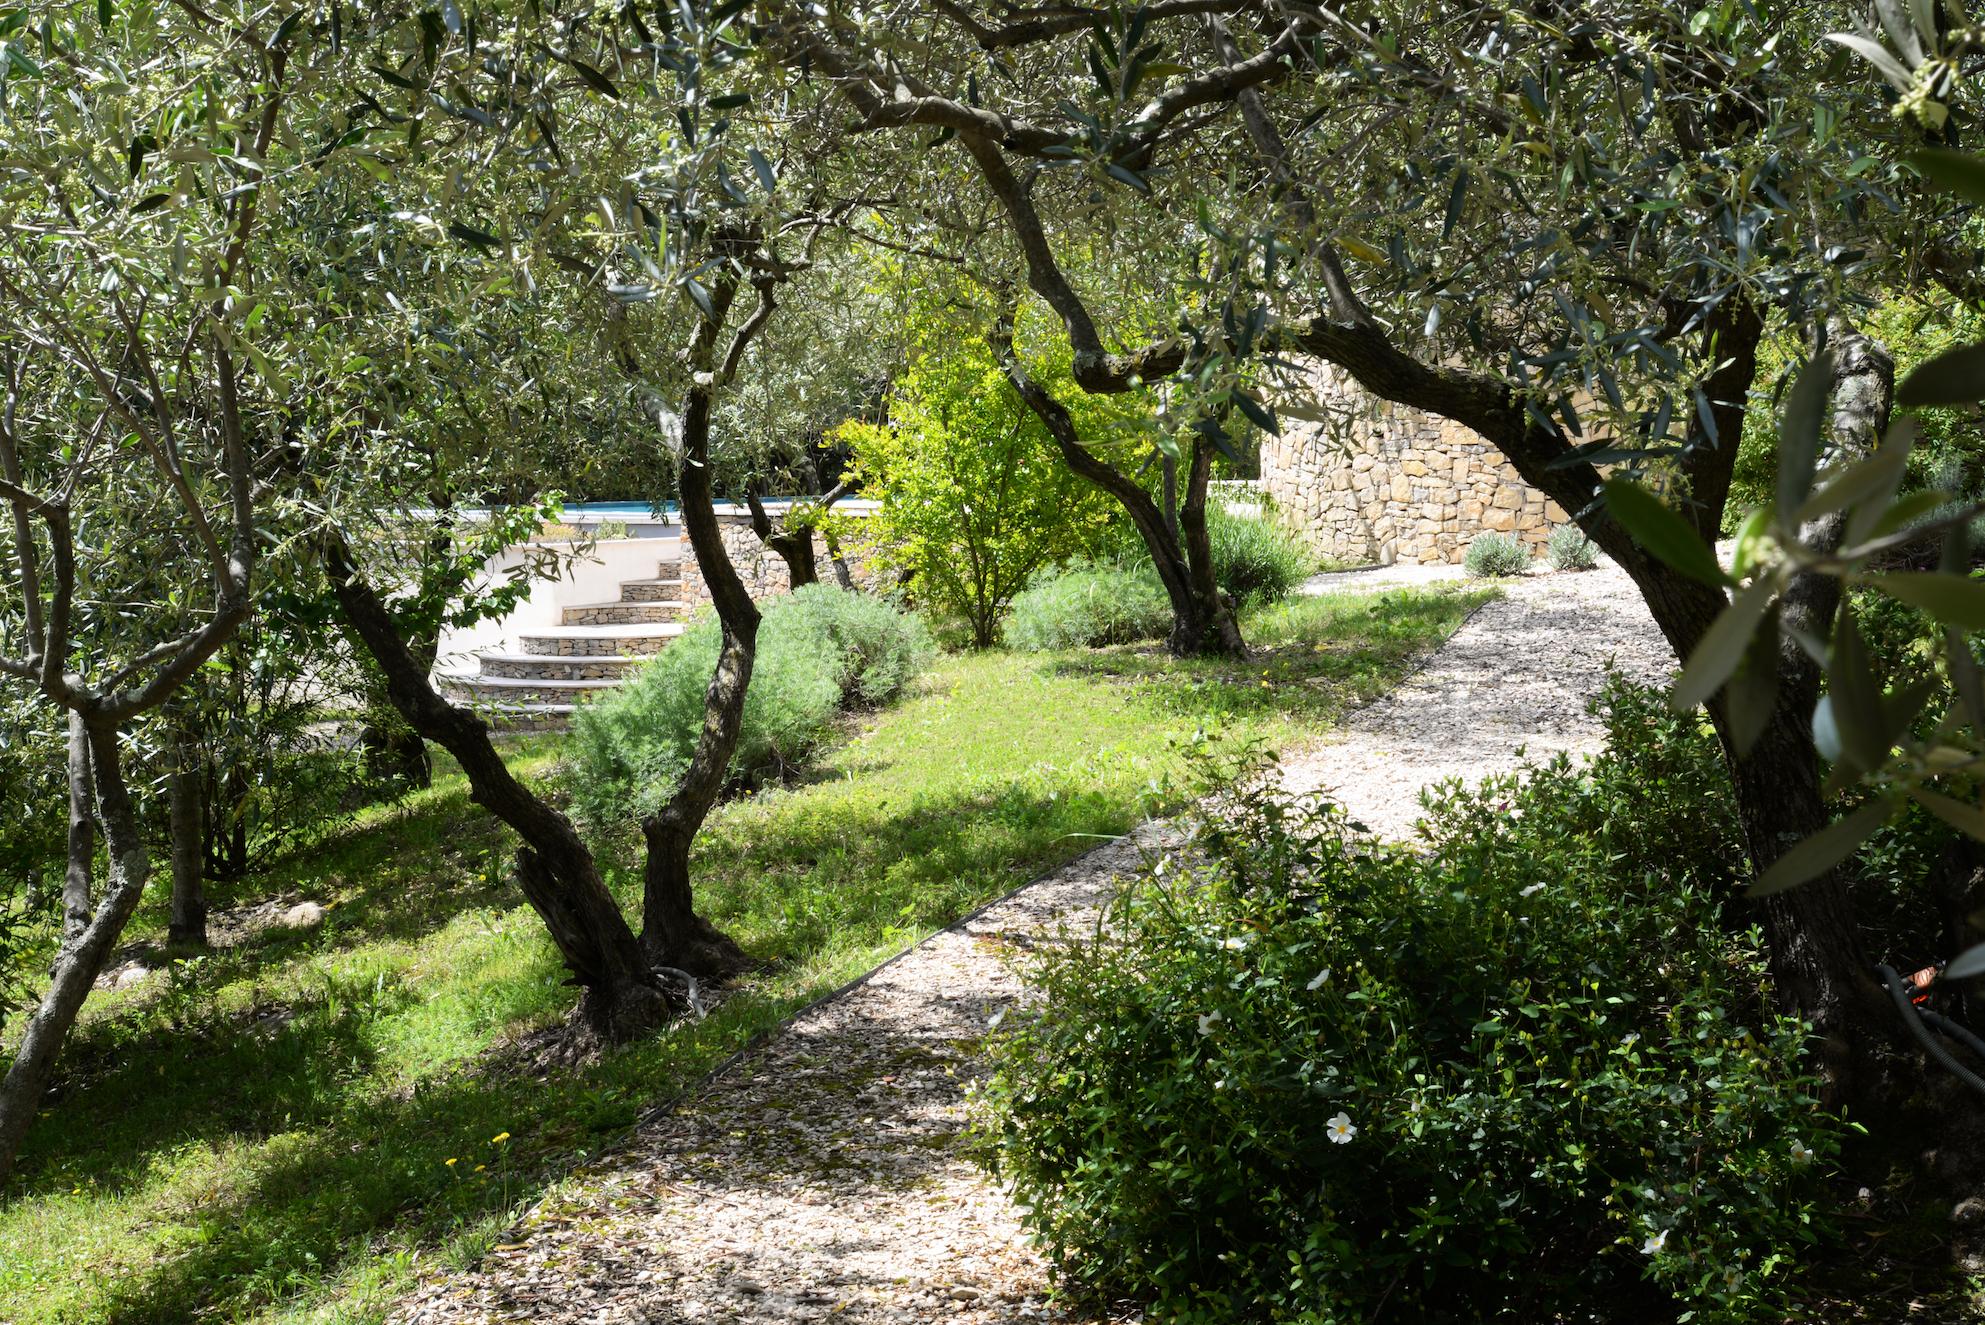 Voyage immobile dans le jardin de fr d ric trifilio for Bruler dans son jardin